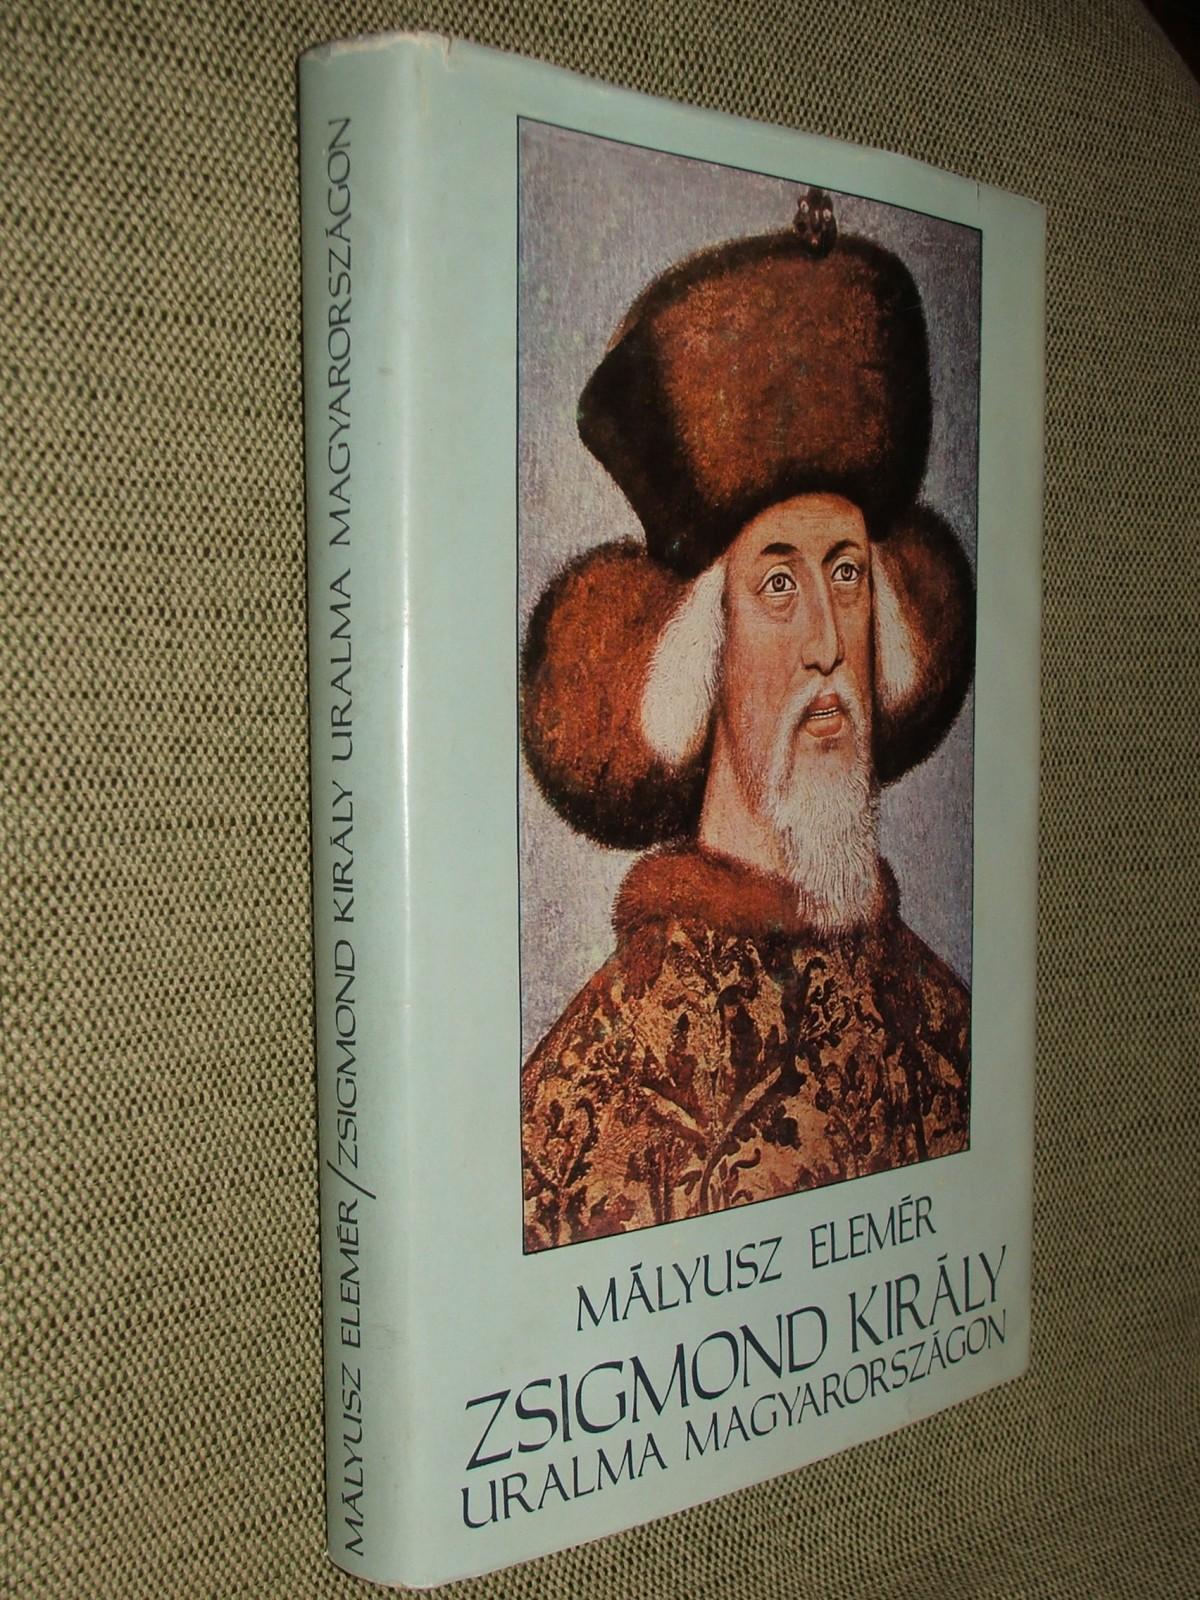 MÁLYUSZ Elemér: Zsigmond király uralma Magyarországon 1387-1437